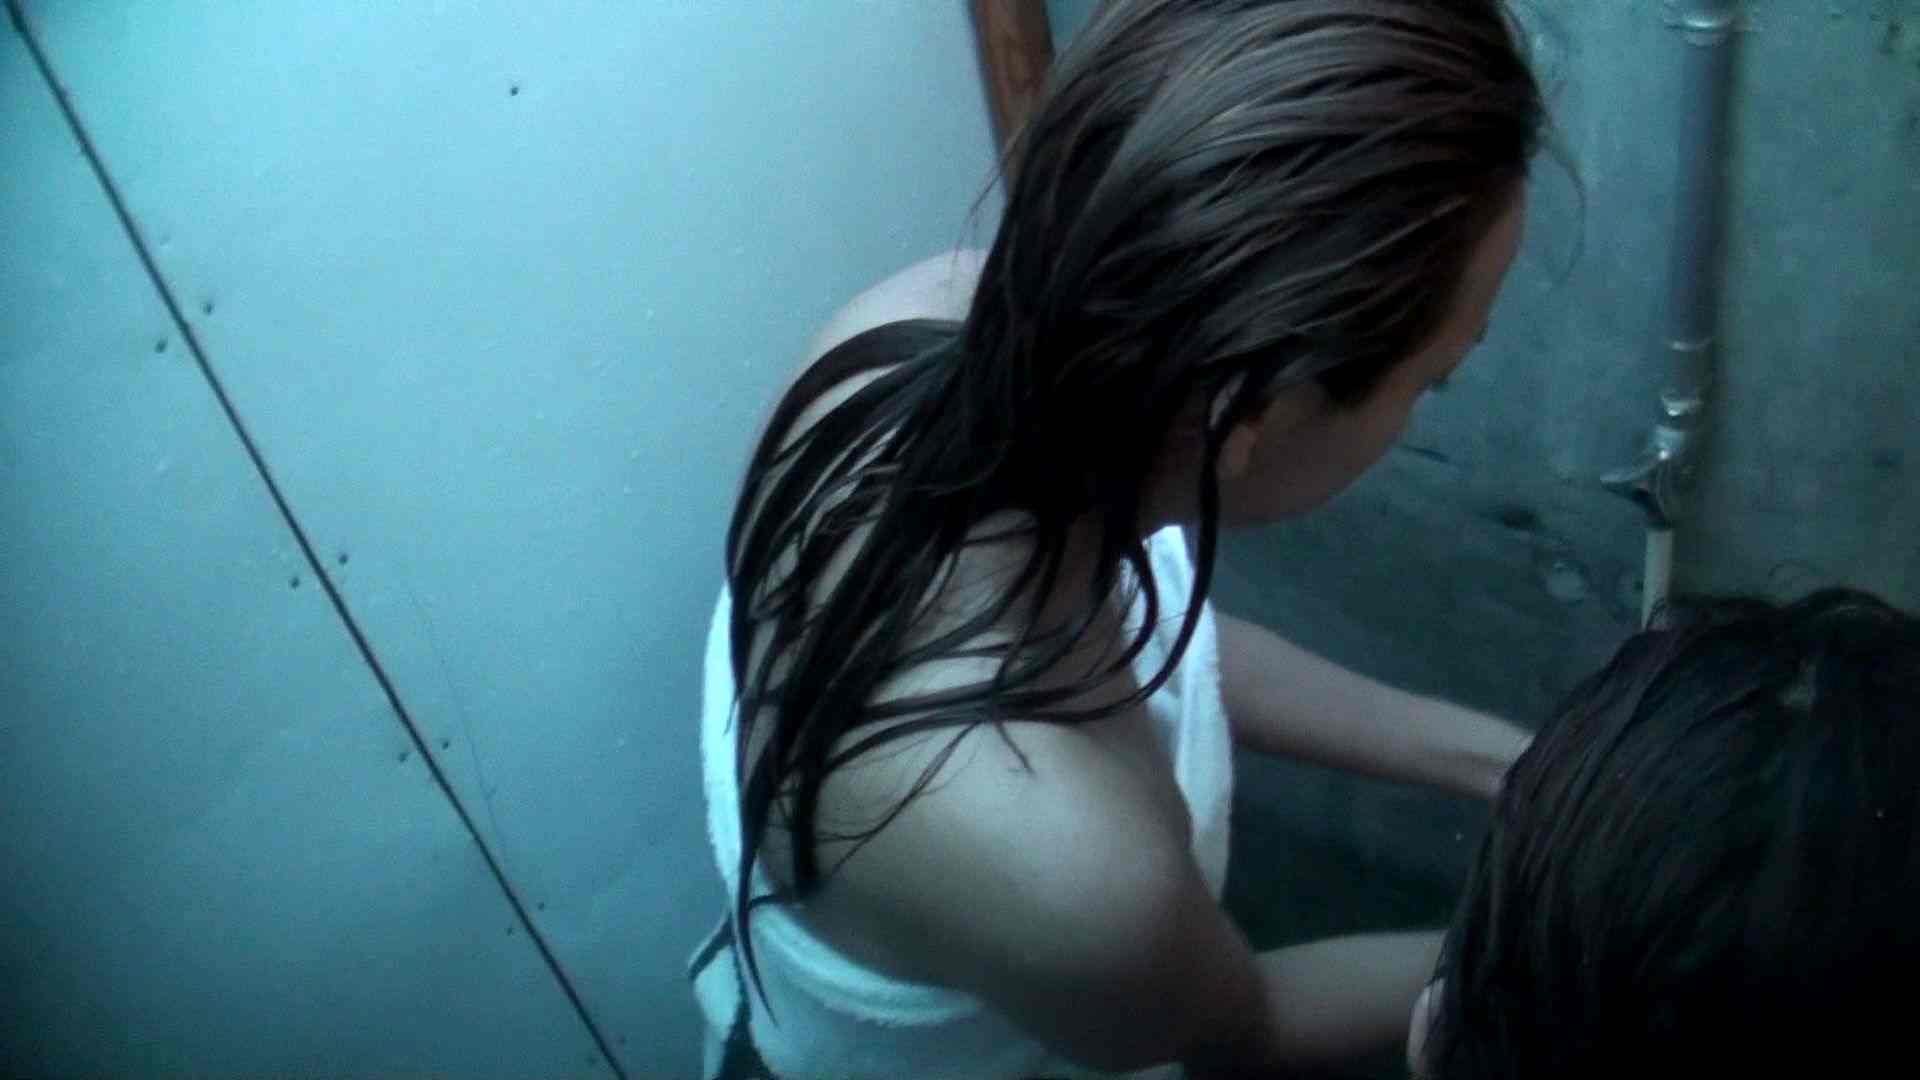 シャワールームは超!!危険な香りVol.8 マリンスポーツが似合いそうなスレンダーなお姉さん2人組 美女OL  52連発 4